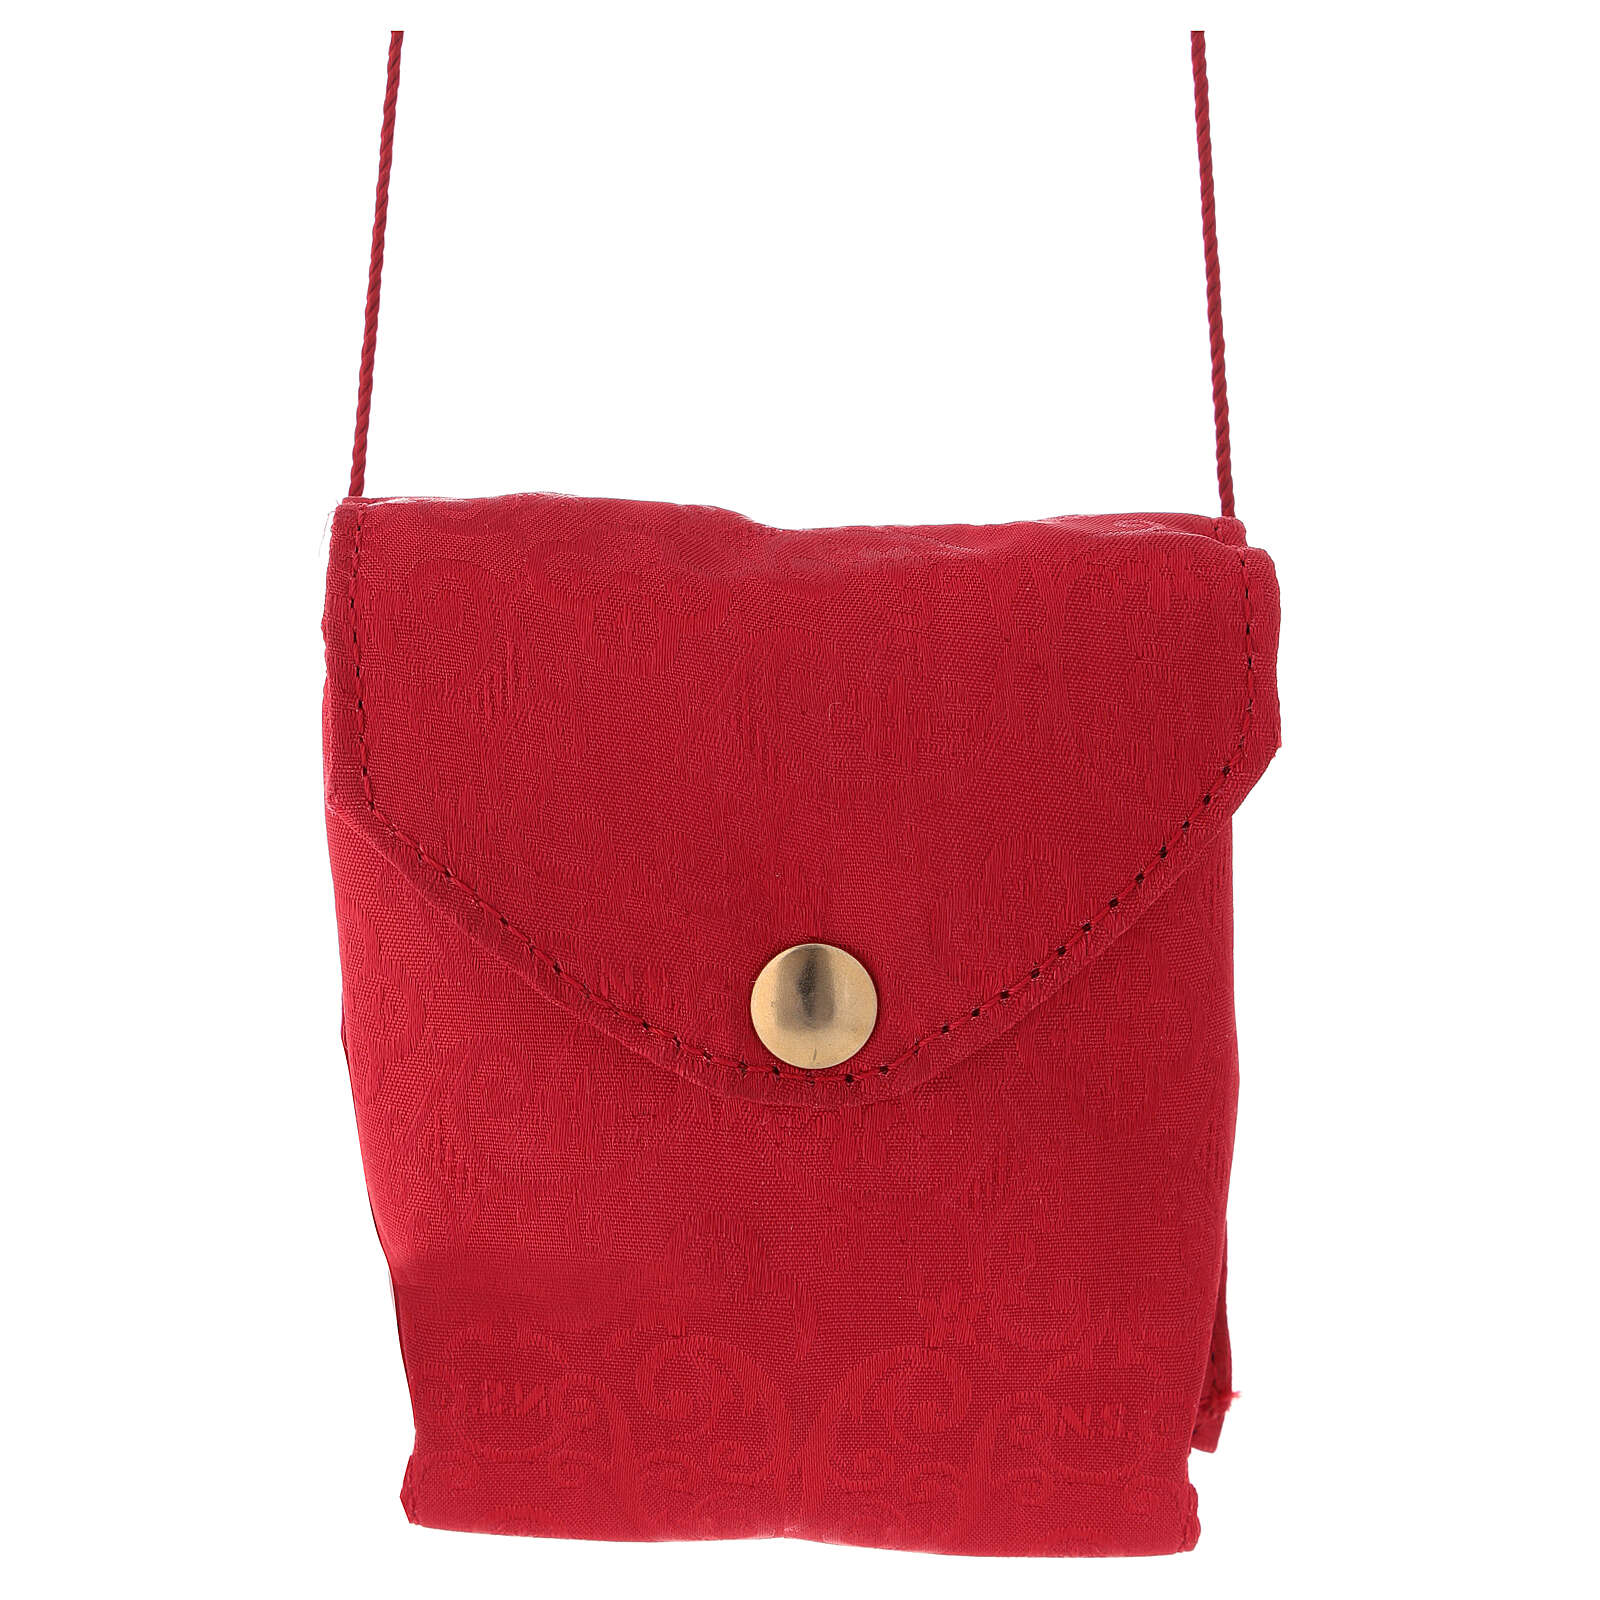 Caixa para hóstias placa emalte Chi-Rho estojo jacquard vermelho 3